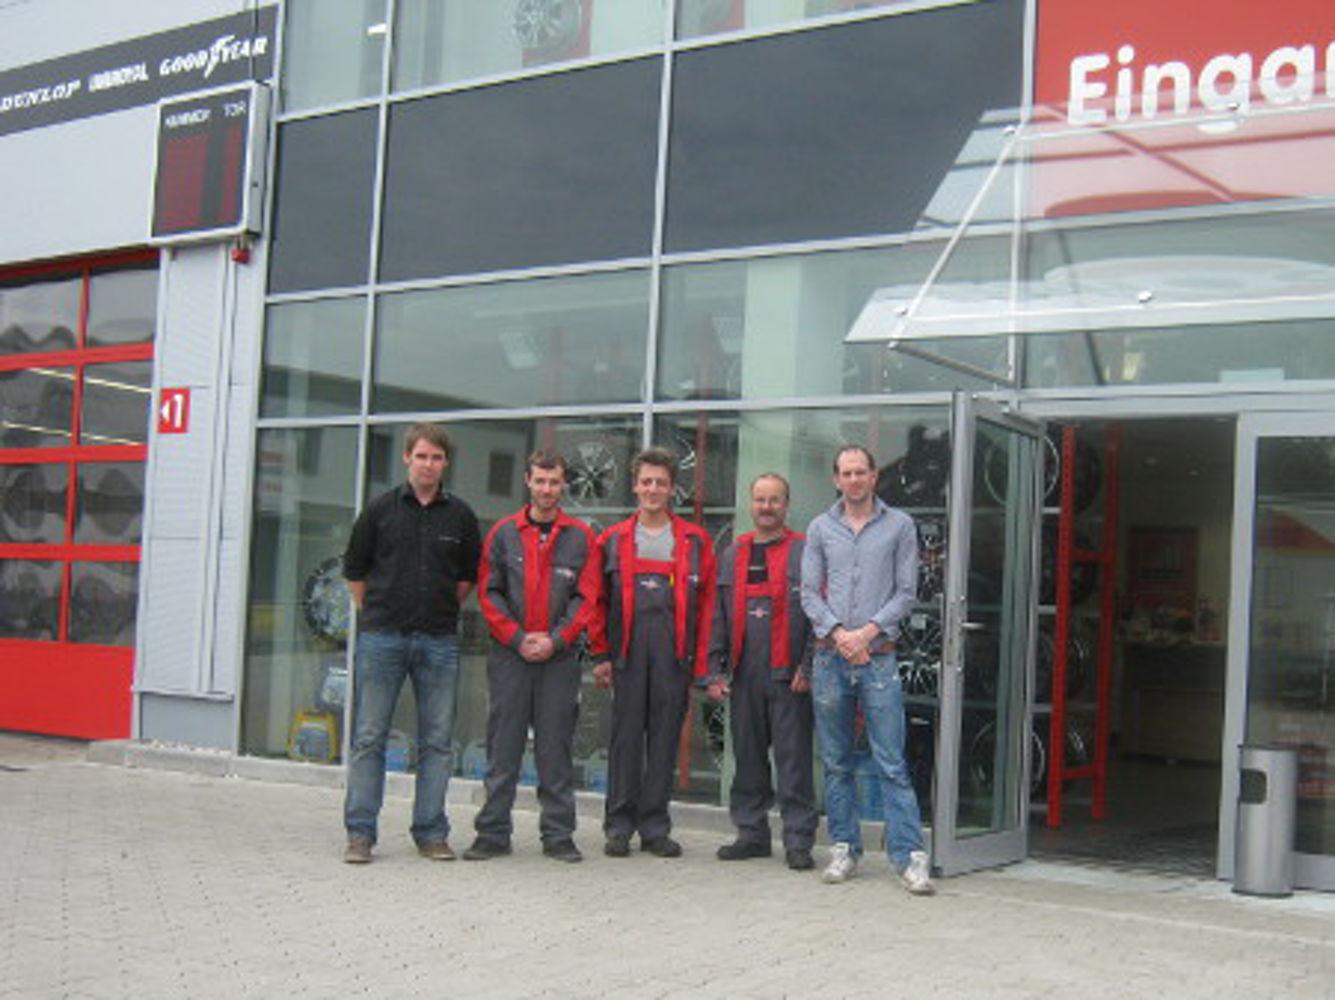 Our reifen.com-team in Mülheim an der Ruhr